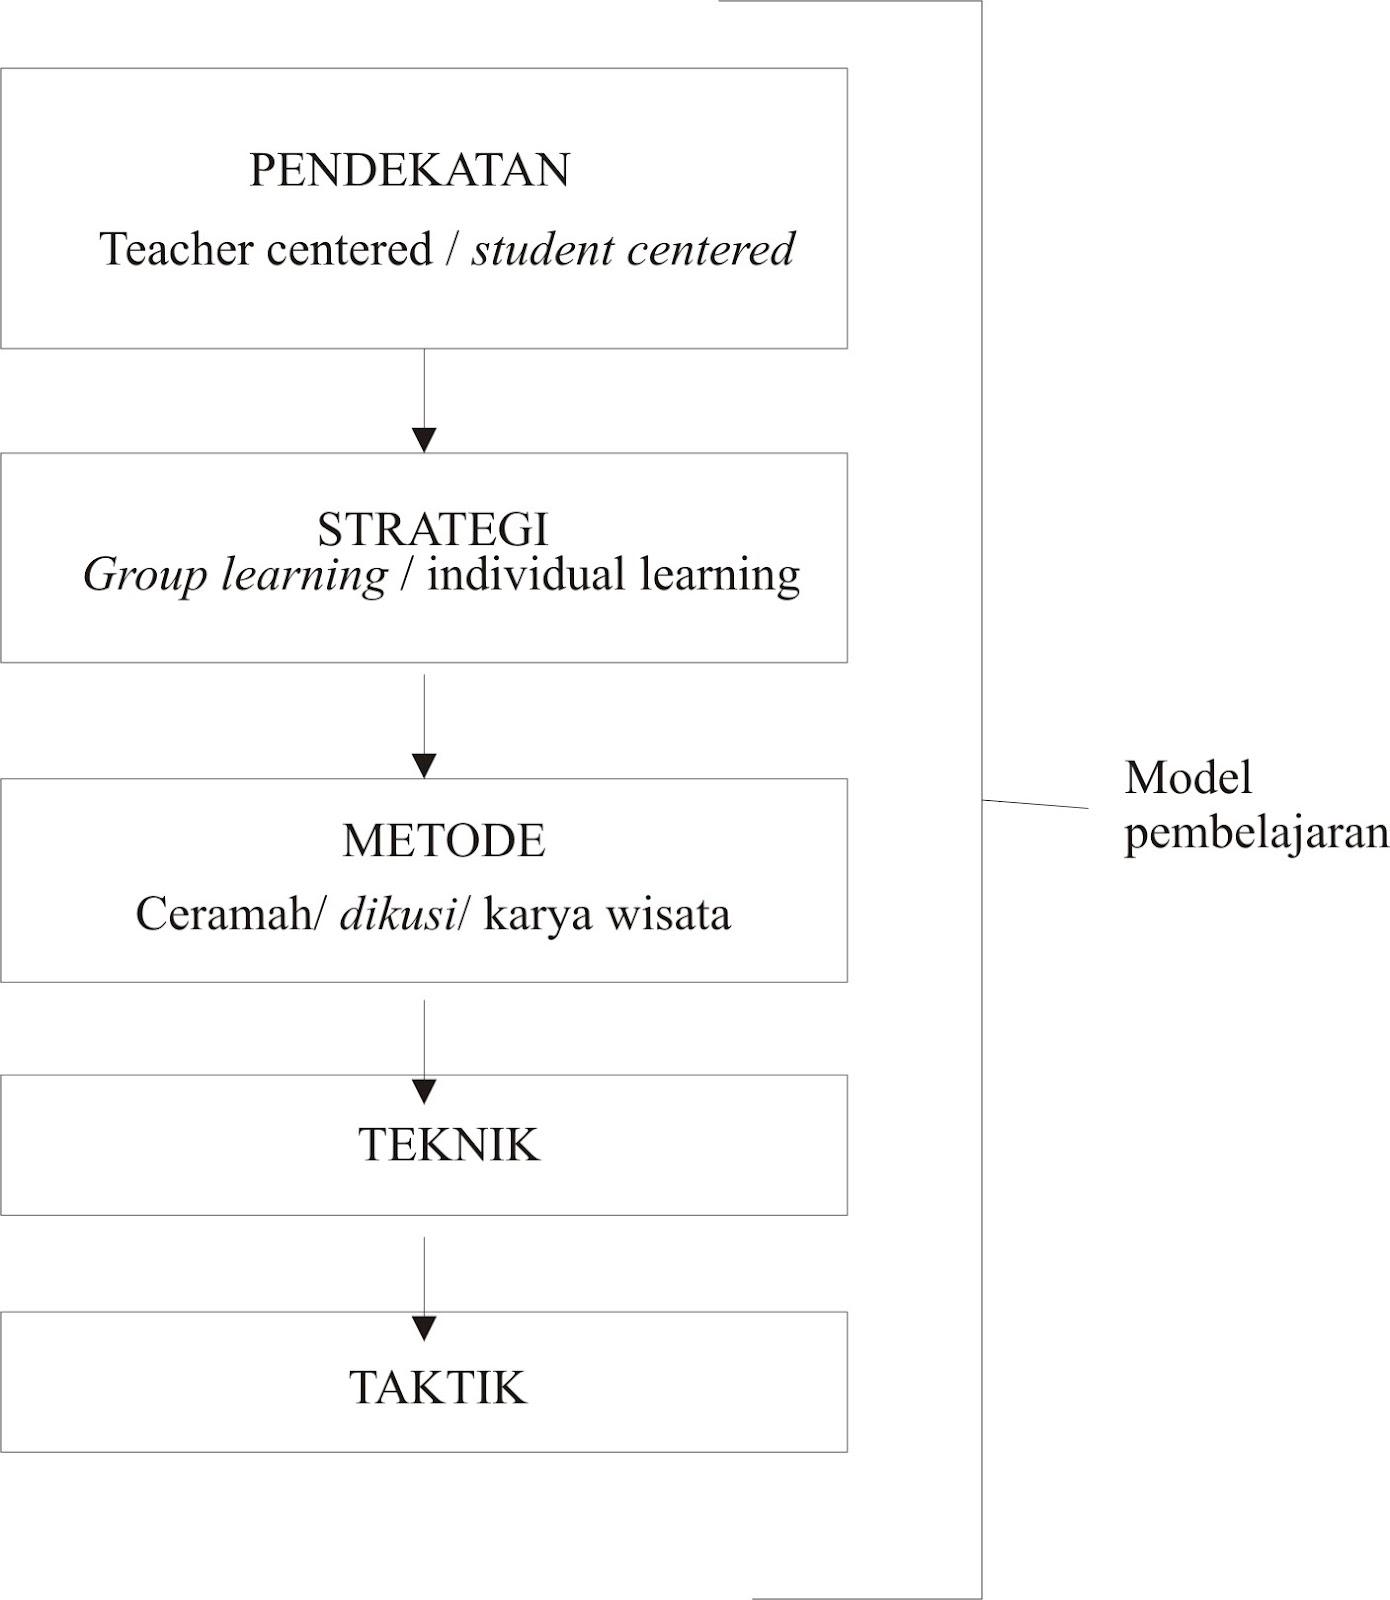 ... Results for 'Pengertian Pendekatan Strategi Metode Teknik Taktik Dan